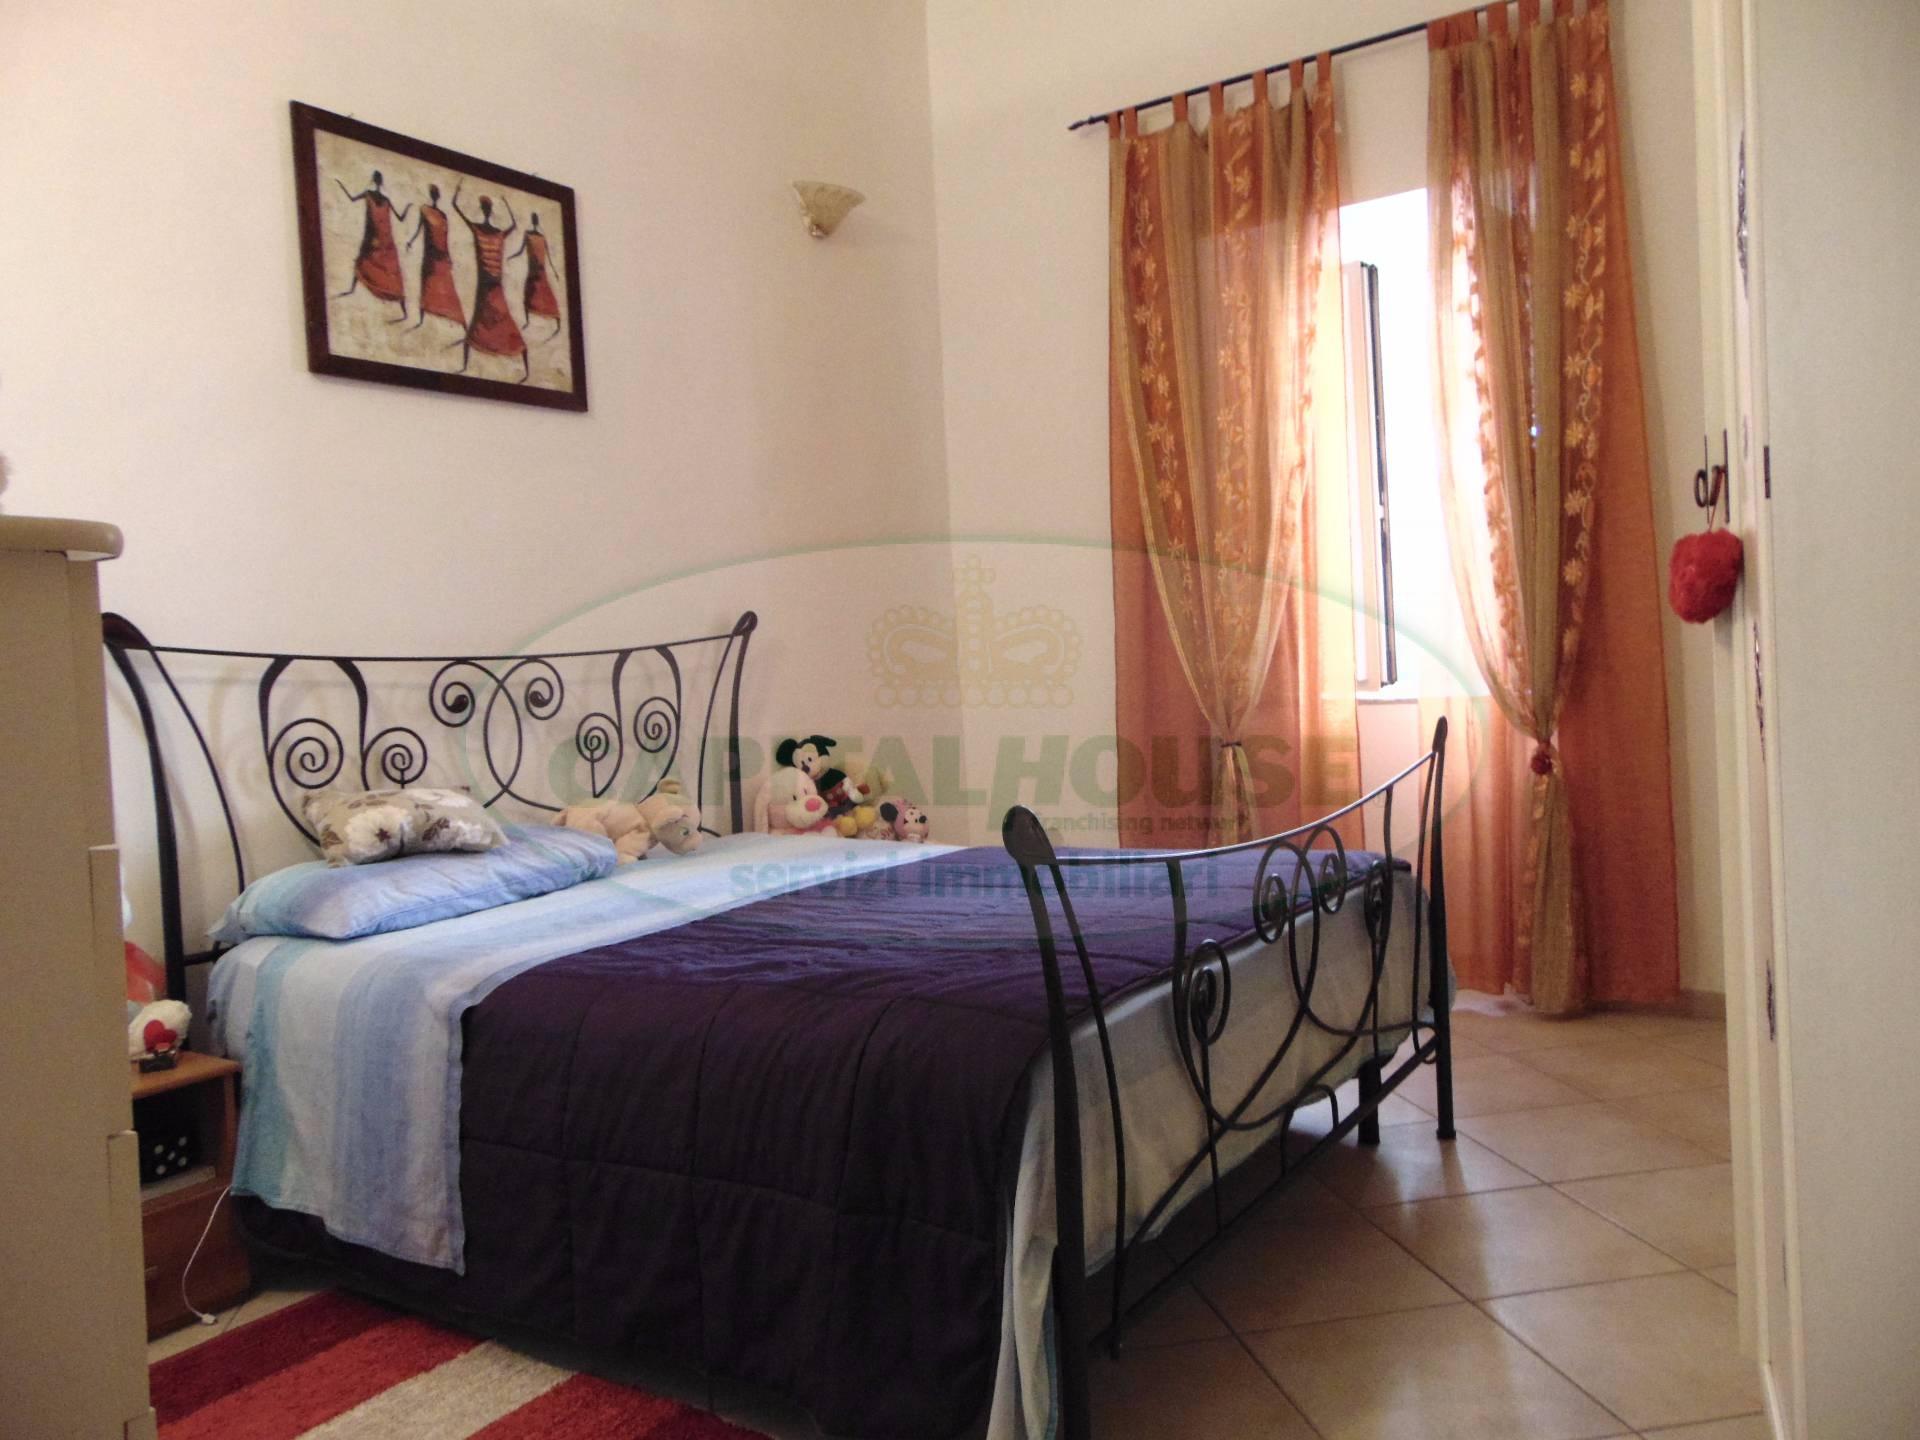 Appartamento in vendita a Curti, 2 locali, prezzo € 54.000 | CambioCasa.it